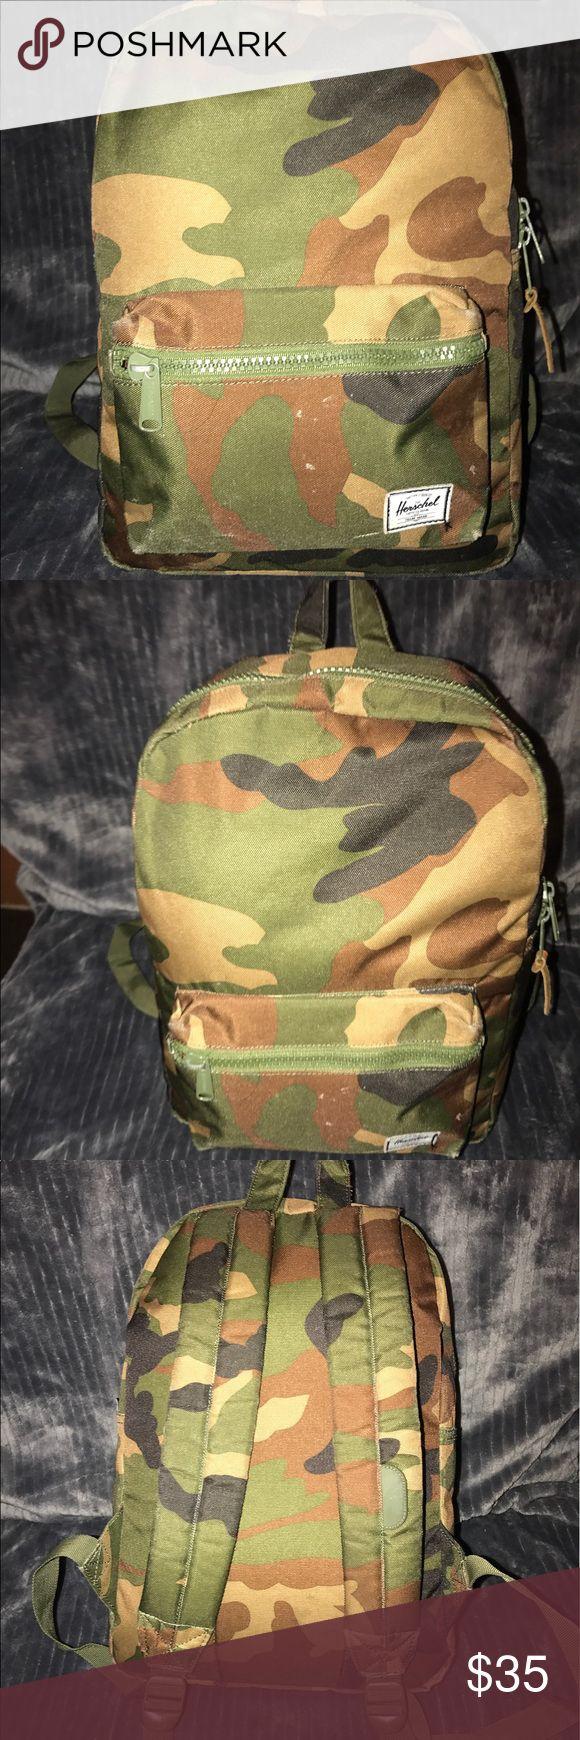 Herschel Camo Backpack Small Herschel camo backback Herschel Supply Company Bags Backpacks